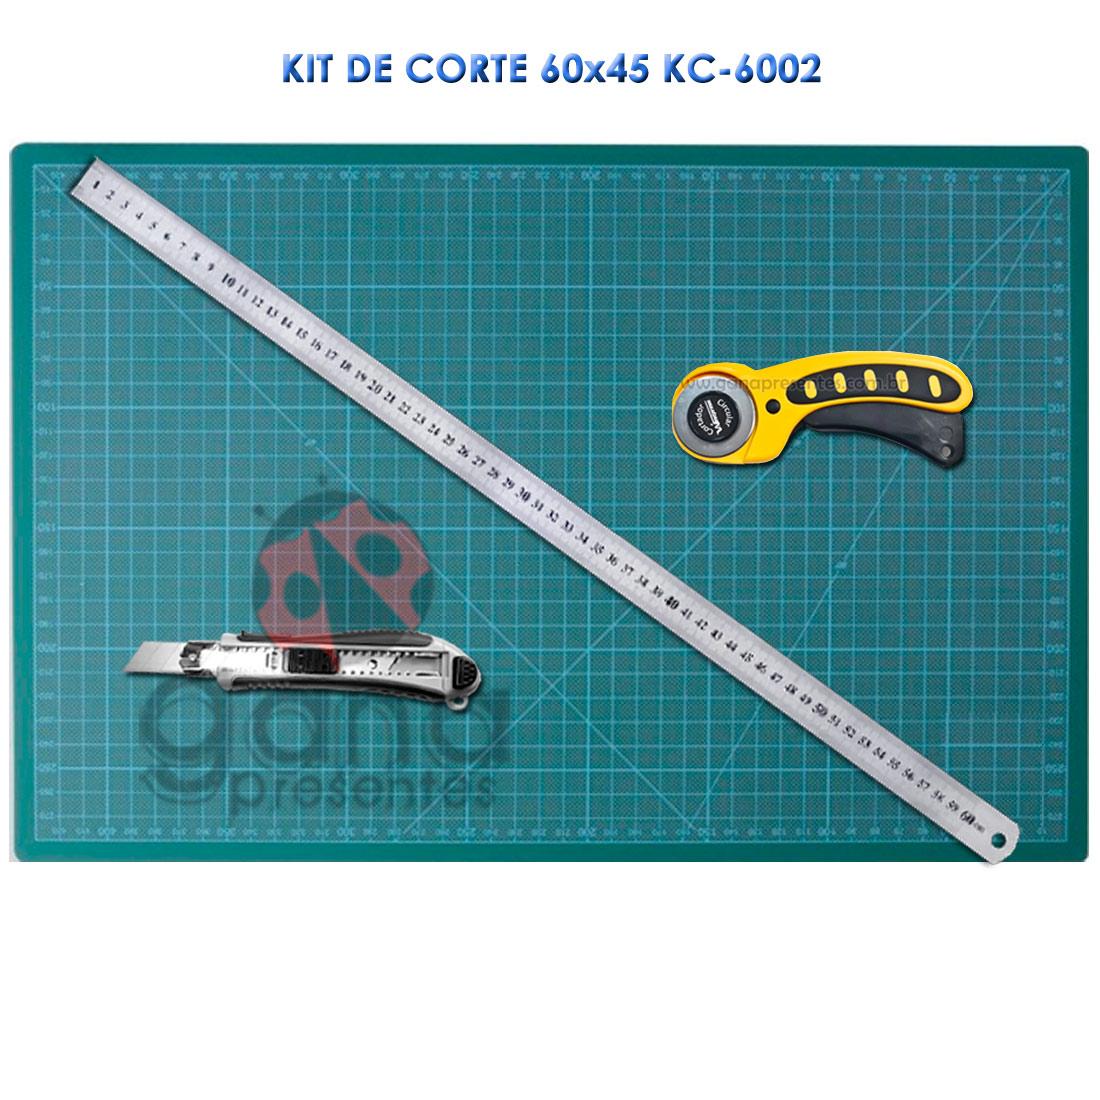 Kit de Corte - Base 60x45 + estilete régua 60cm cortador circular KC-6002 estil rég